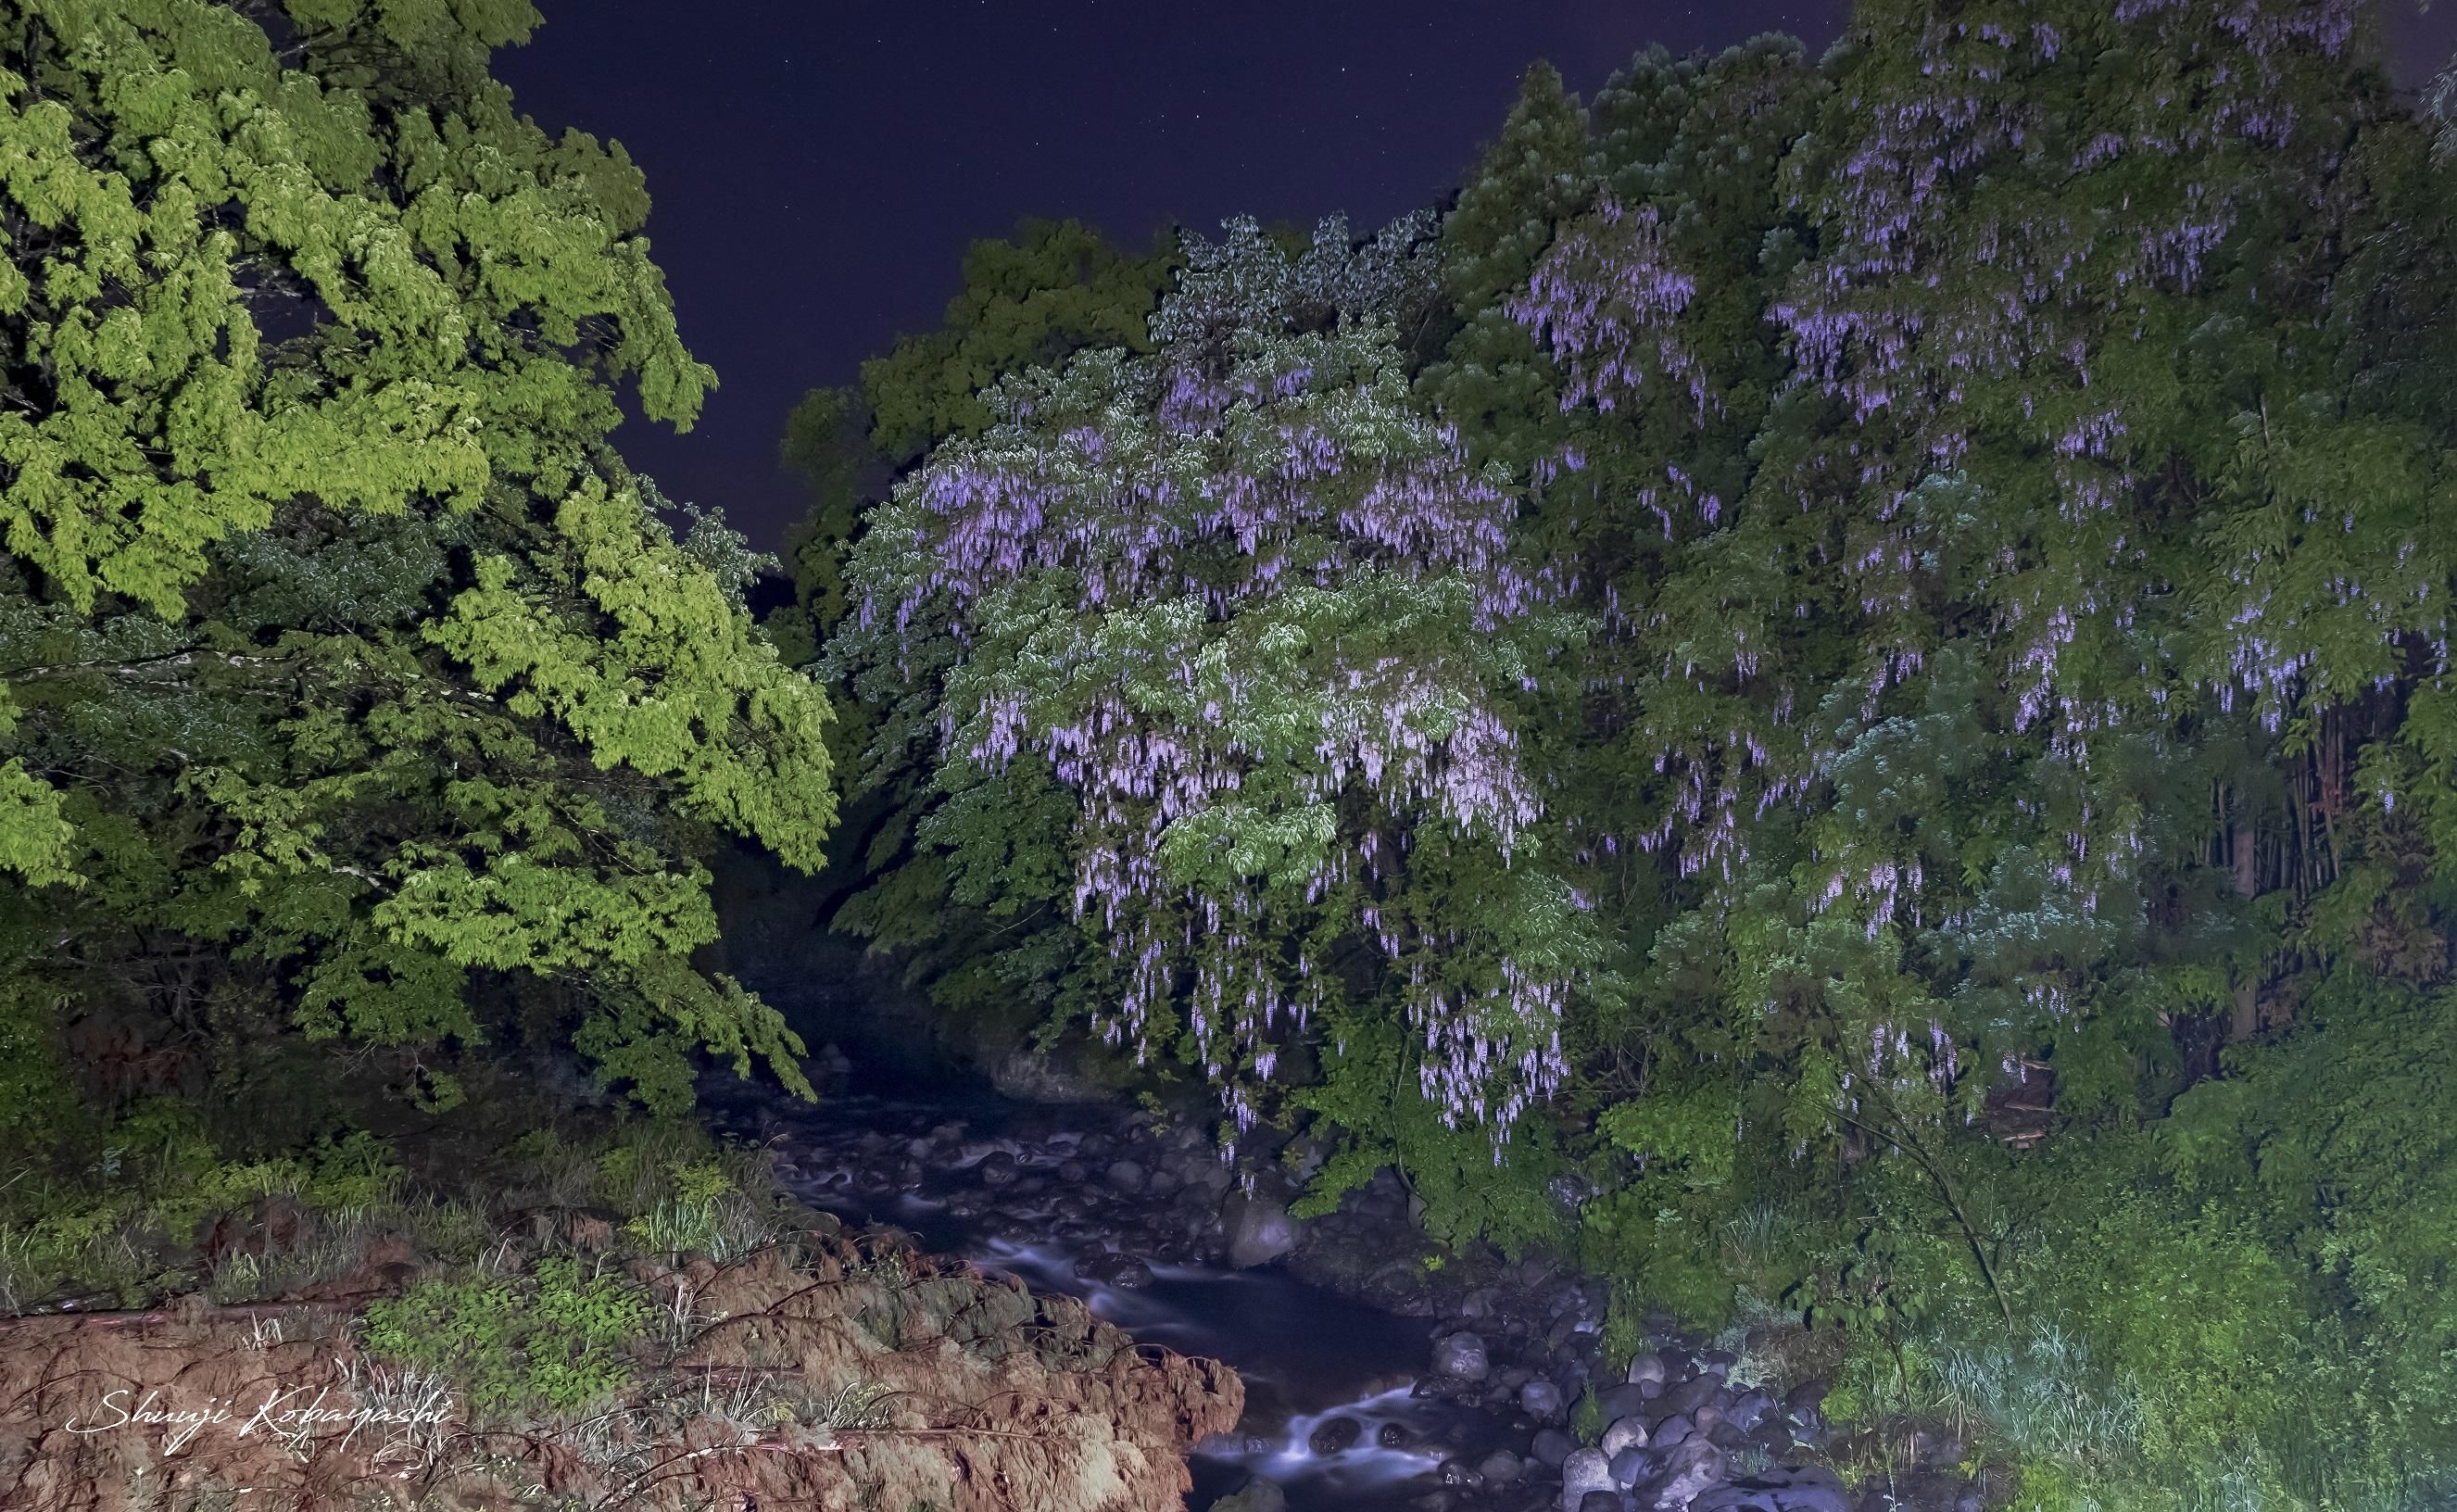 夜の富士の話を撮影してきました。